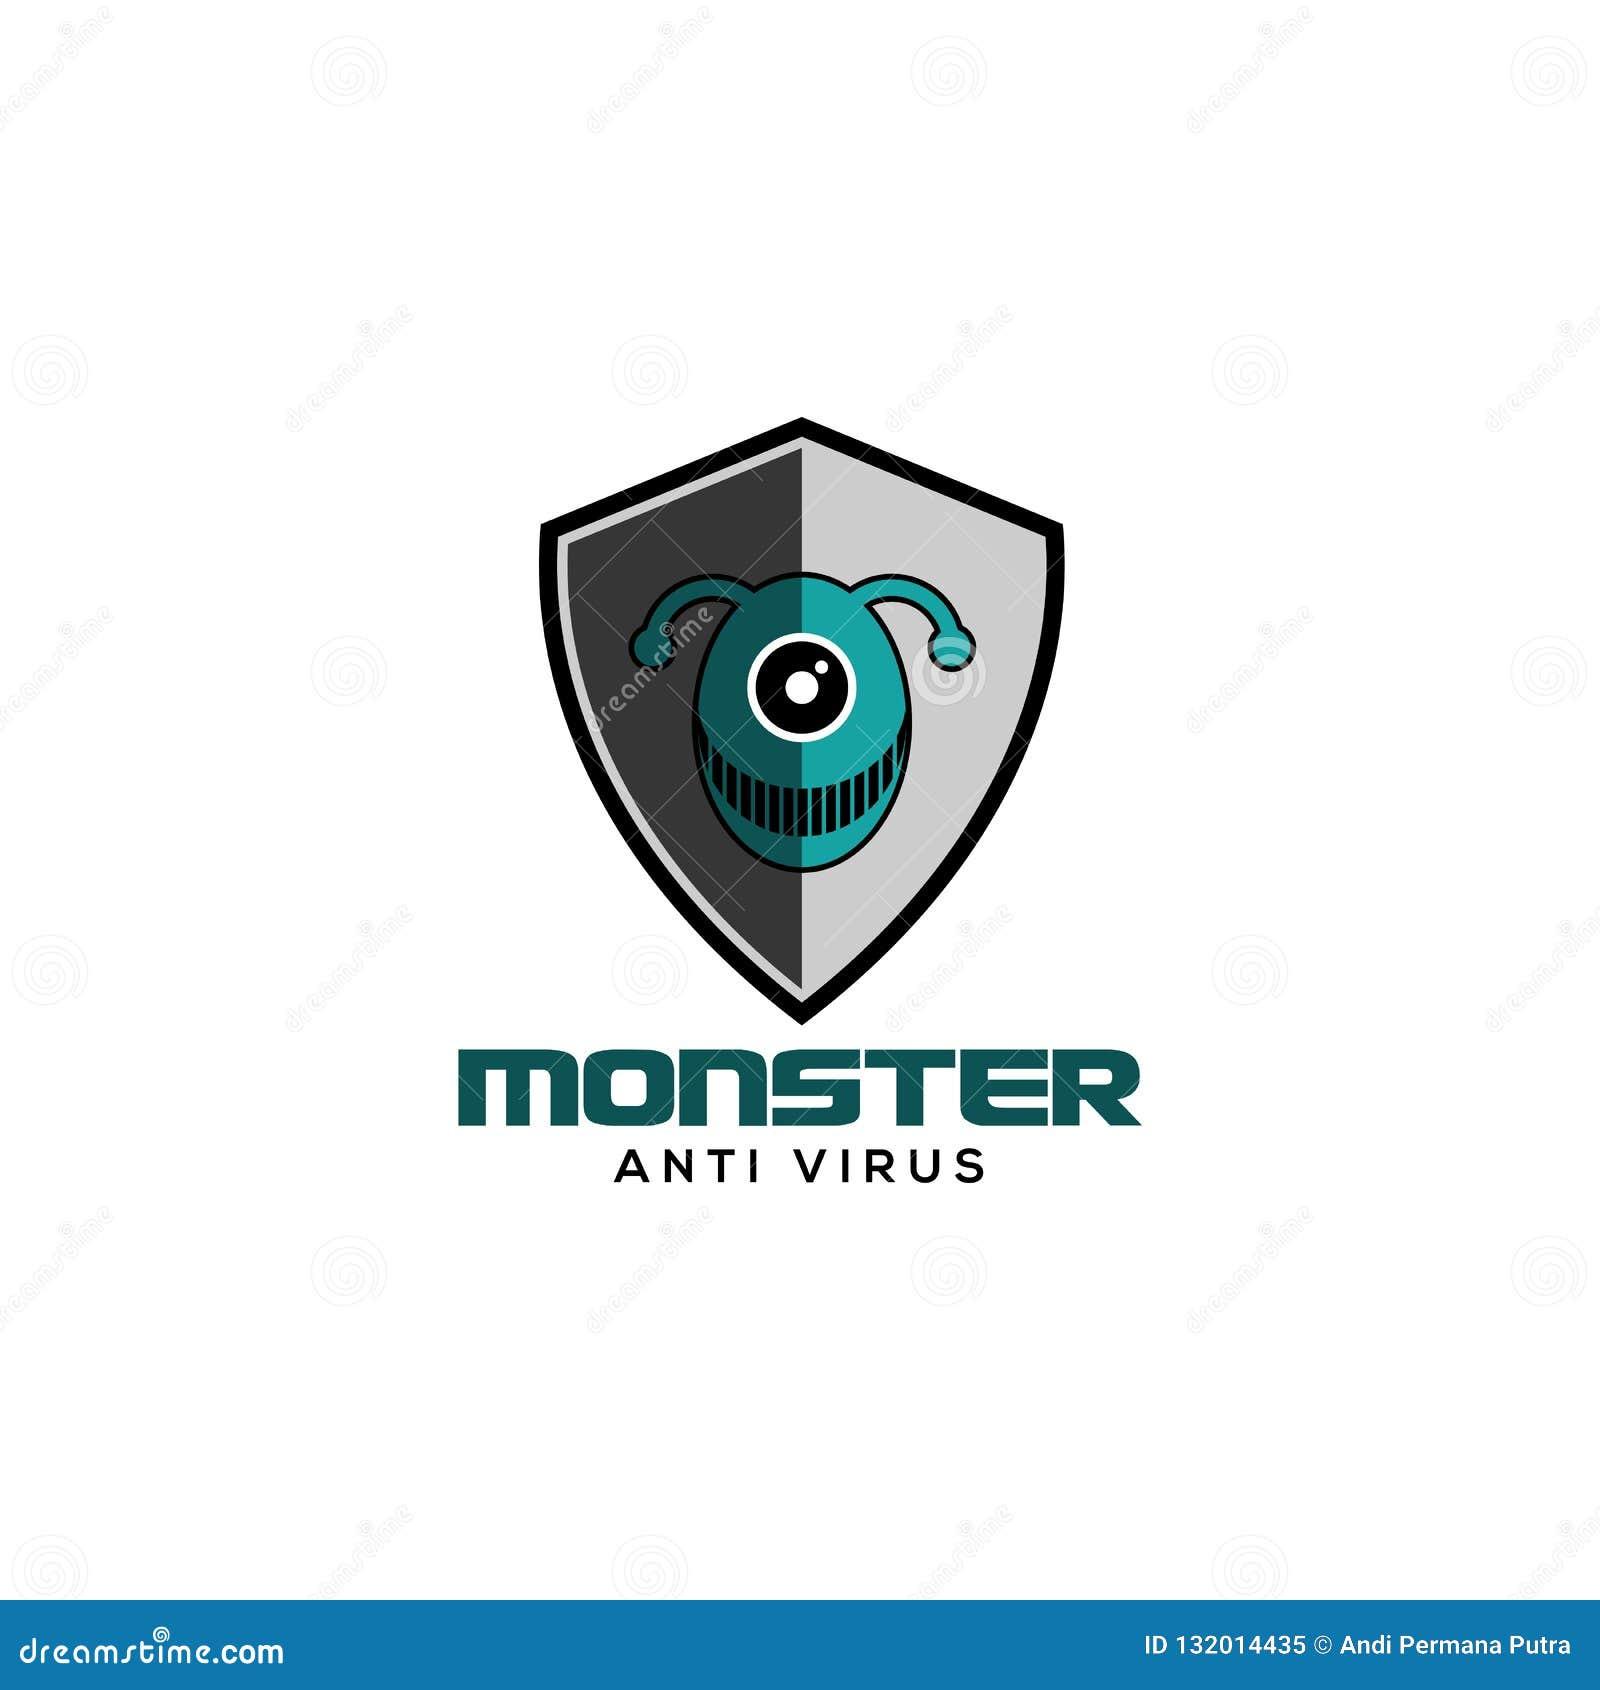 Monsterantivirus-Logovektor